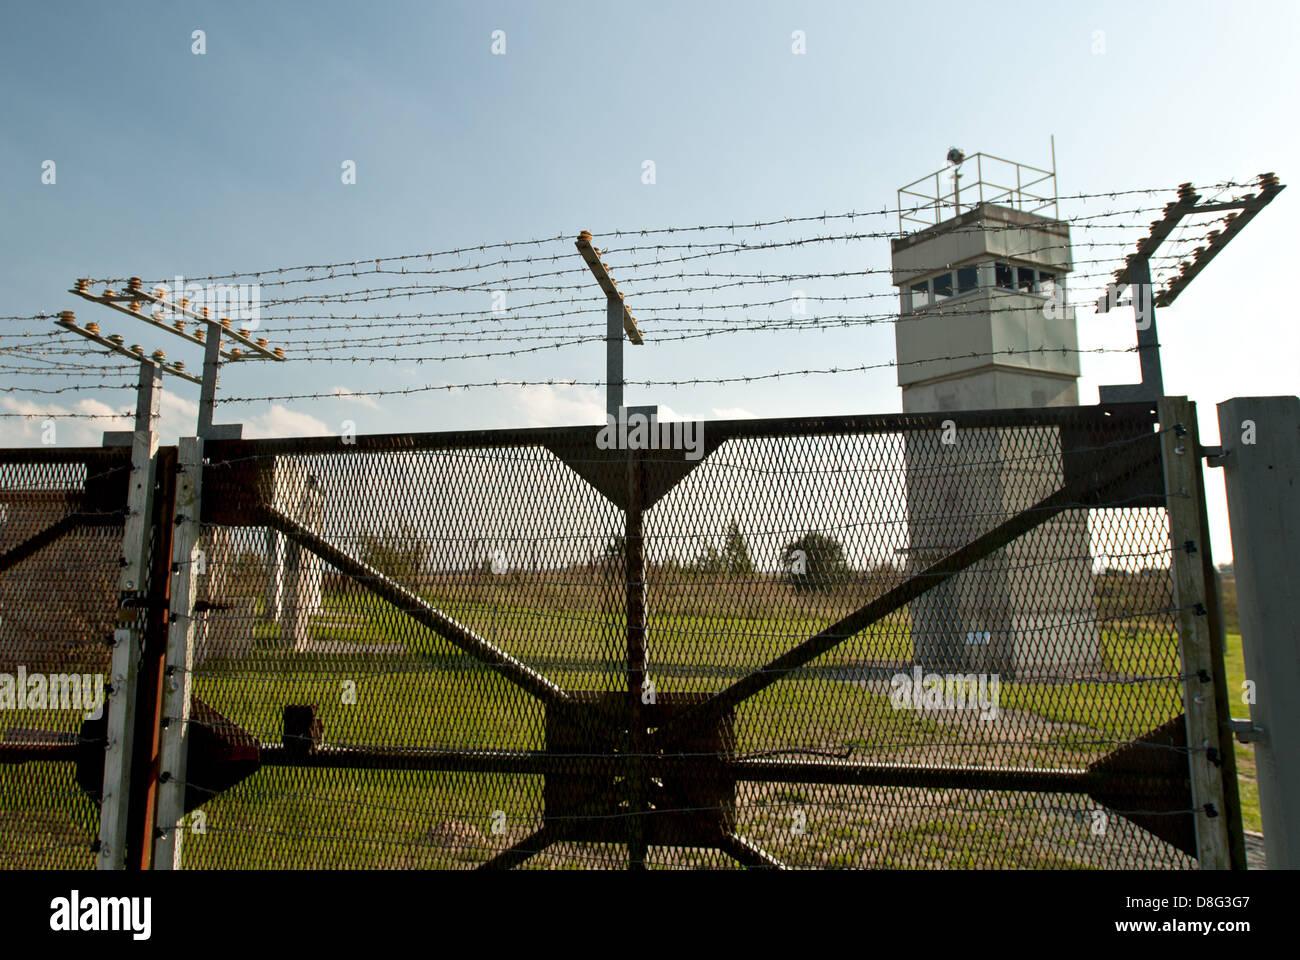 Resti di la frontiera interna tedesca ( Die Grenze ) in Schlagsdorf , in Germania. Immagini Stock